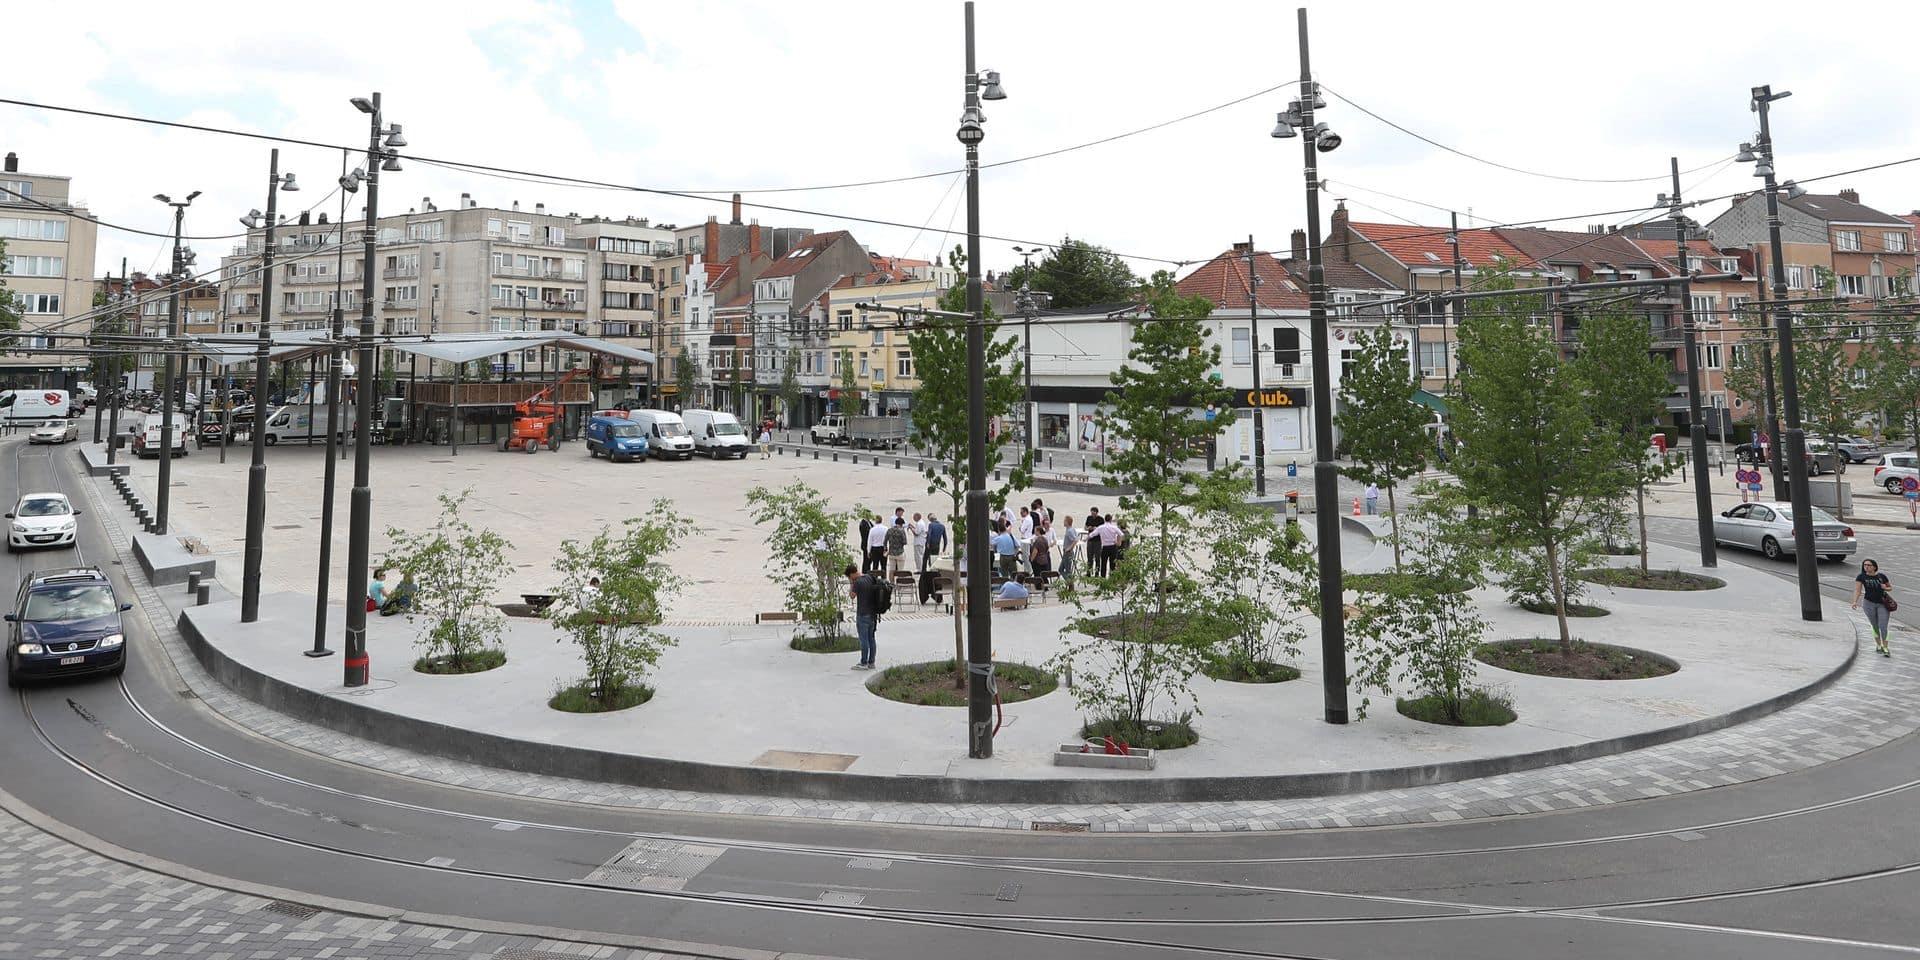 """La métamorphose de la place Dumon fait d'ailleurs partie d'une politique régionale qui vise à supprimer les """"places-parkings"""" à Bruxelles. La Région a ainsi co-financé cette rénovation à hauteur de 3,5 millions d'euros. """"Qui peut encore aujourd'hui imaginer une place Flagey avec des voitures?"""", demande Pascal Smet. """"Les places doivent être des lieux conviviaux. Elles doivent être rendues aux riverains"""", ajoute le ministre bruxellois des Travaux publics. La prochaine étape? La place du Miroir à Jette. Et ensuite, espère Pascal Smet, """"Schuman et Toison d'Or""""."""